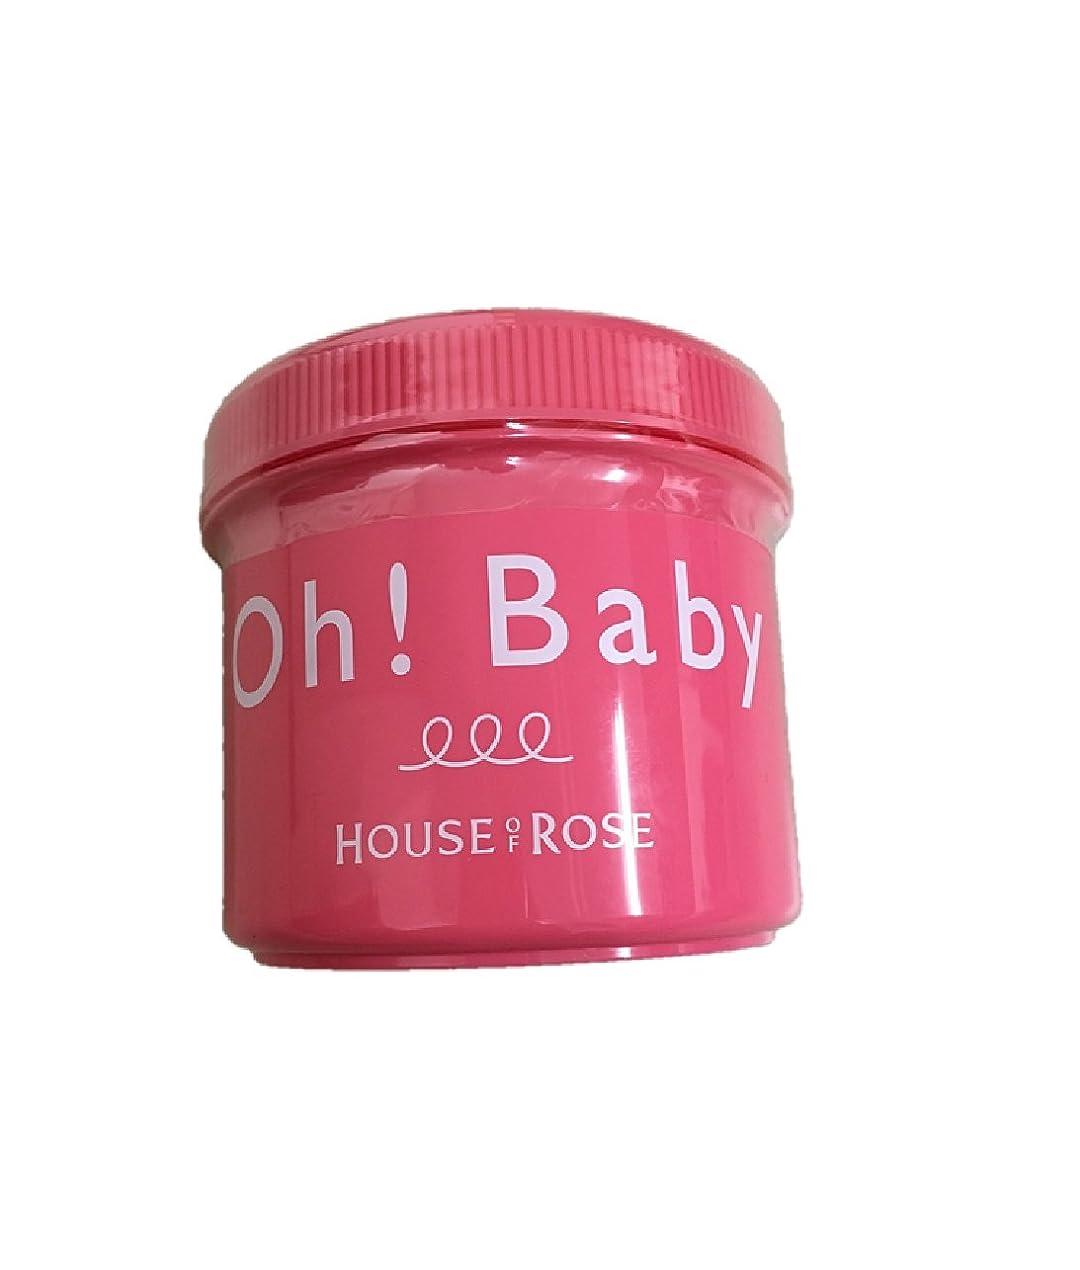 リズミカルな無線かび臭い【3個セット】ハウスオブローゼ Oh! Baby ボディ スムーザー N ×3個